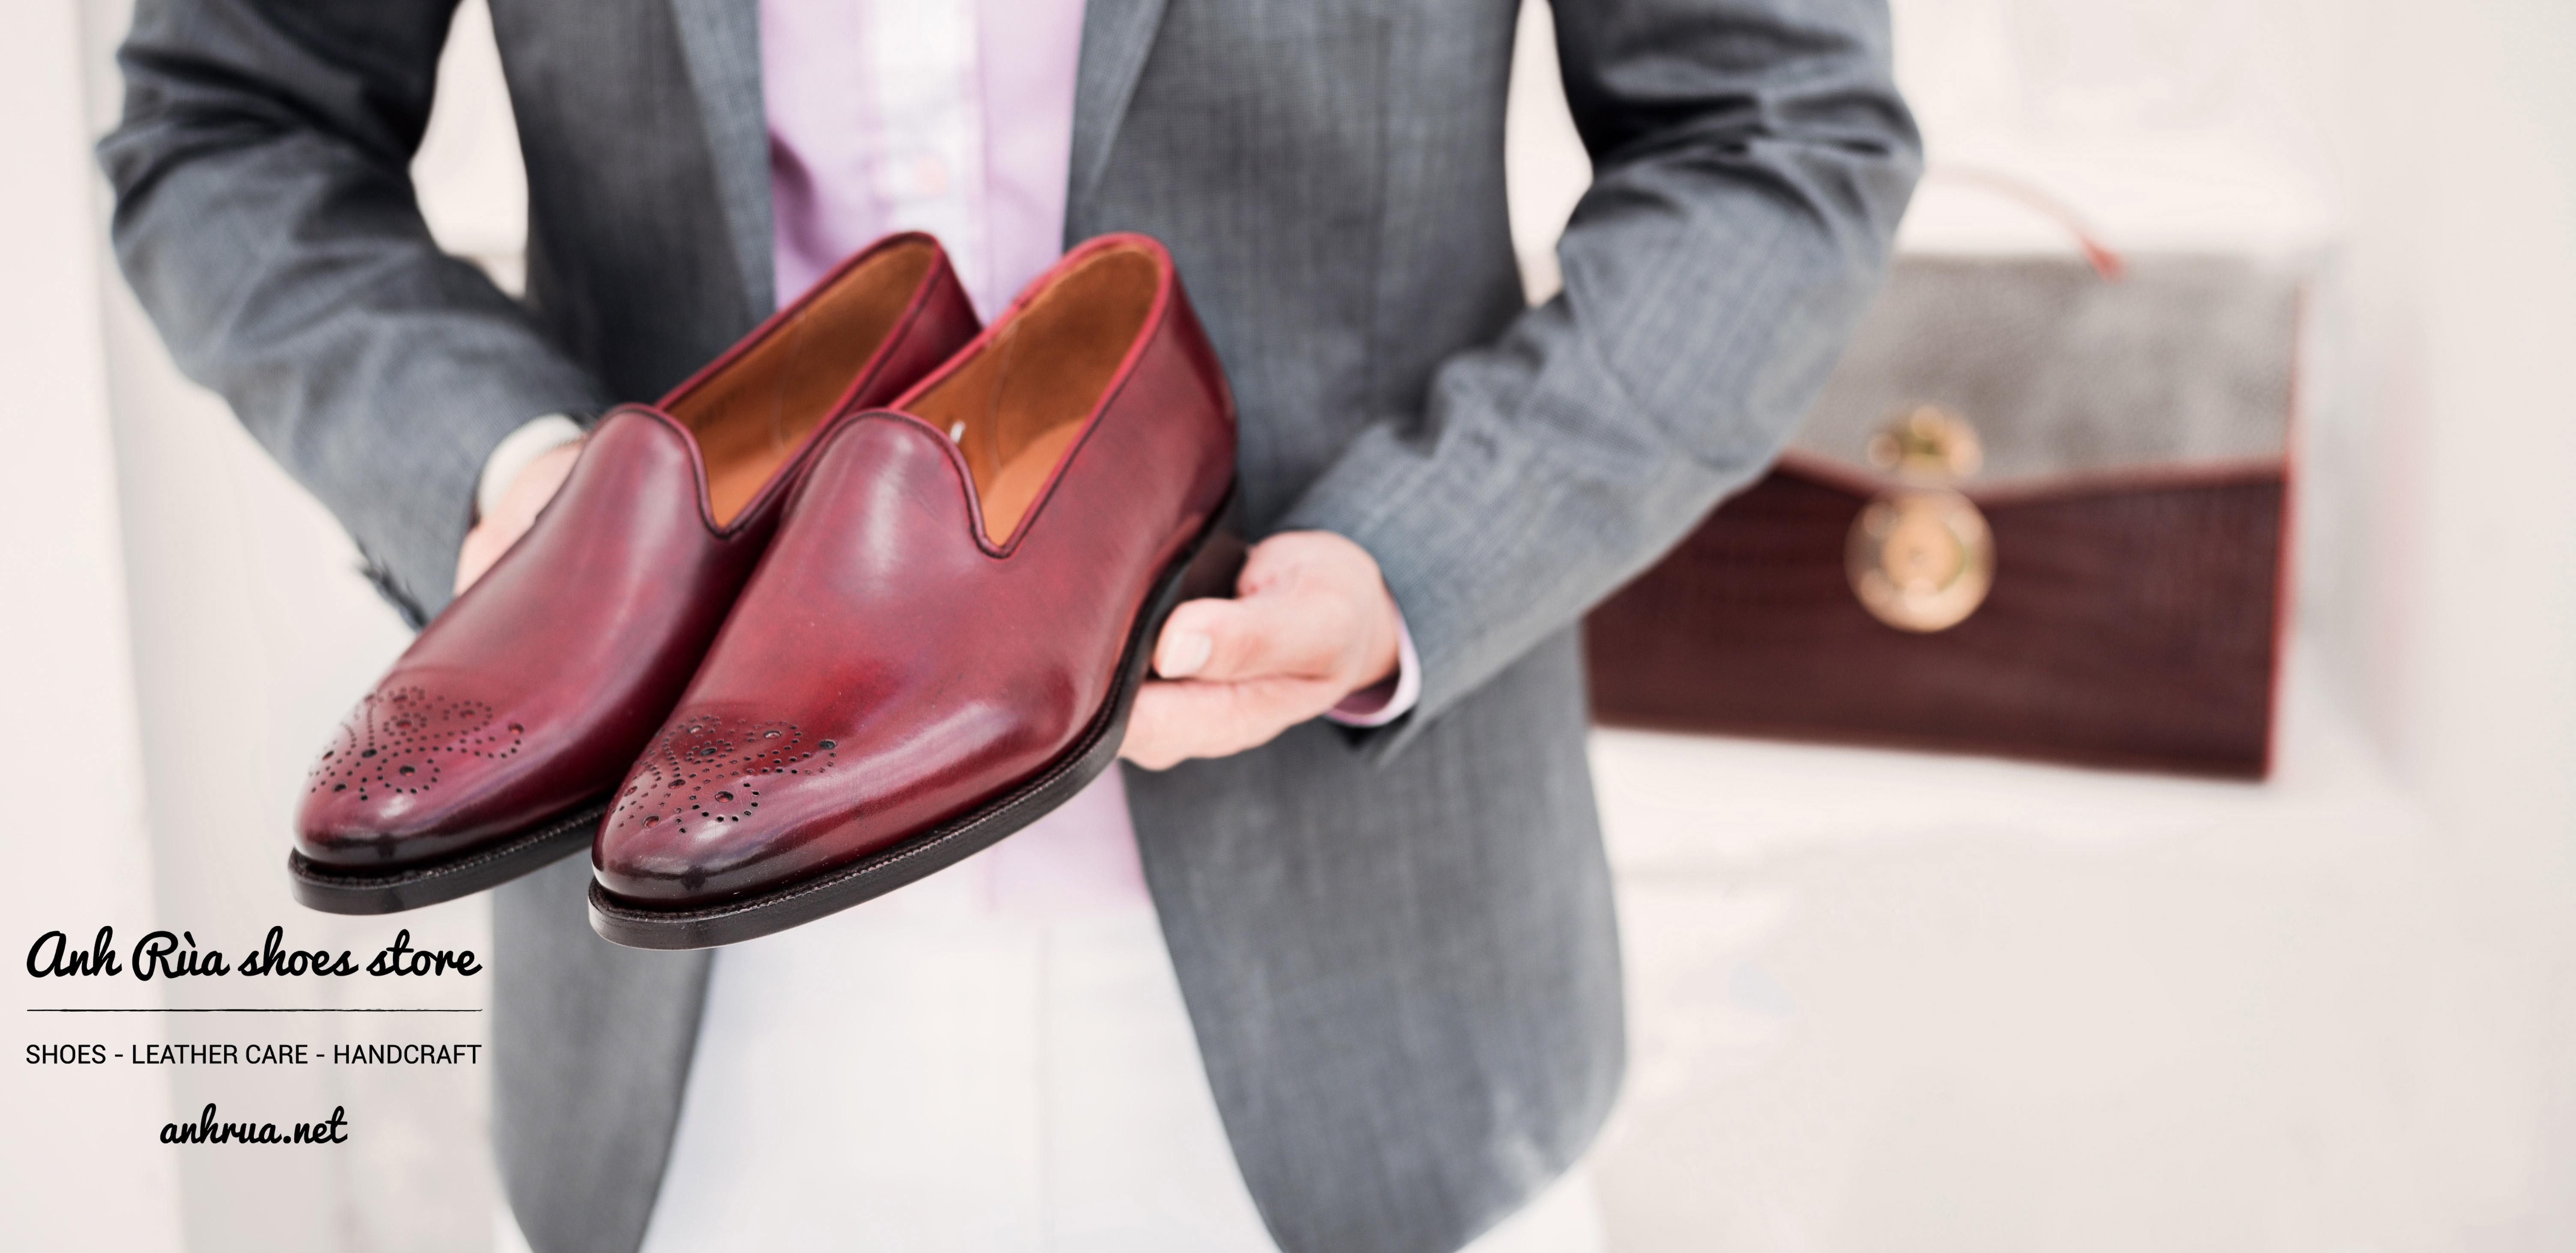 Giày lười (Loafers, Moccasins, Slip-ons)